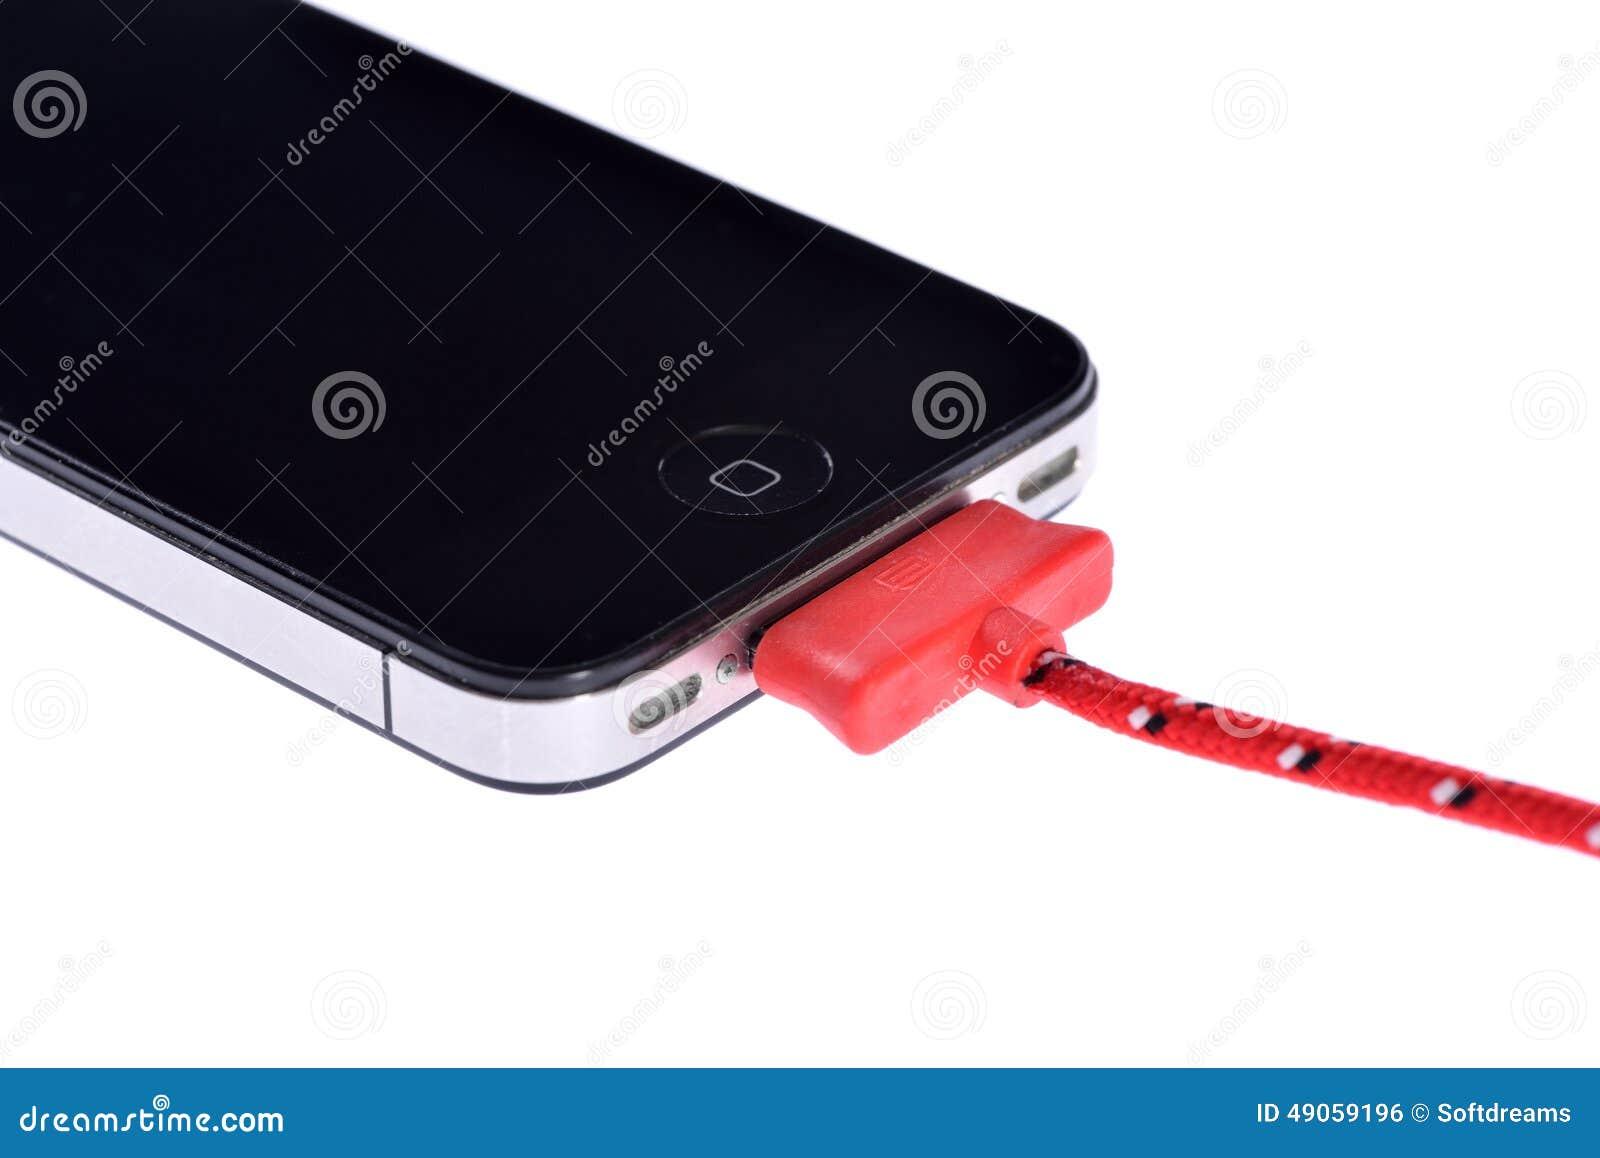 Mobiltelefon och synkroniseringskabel